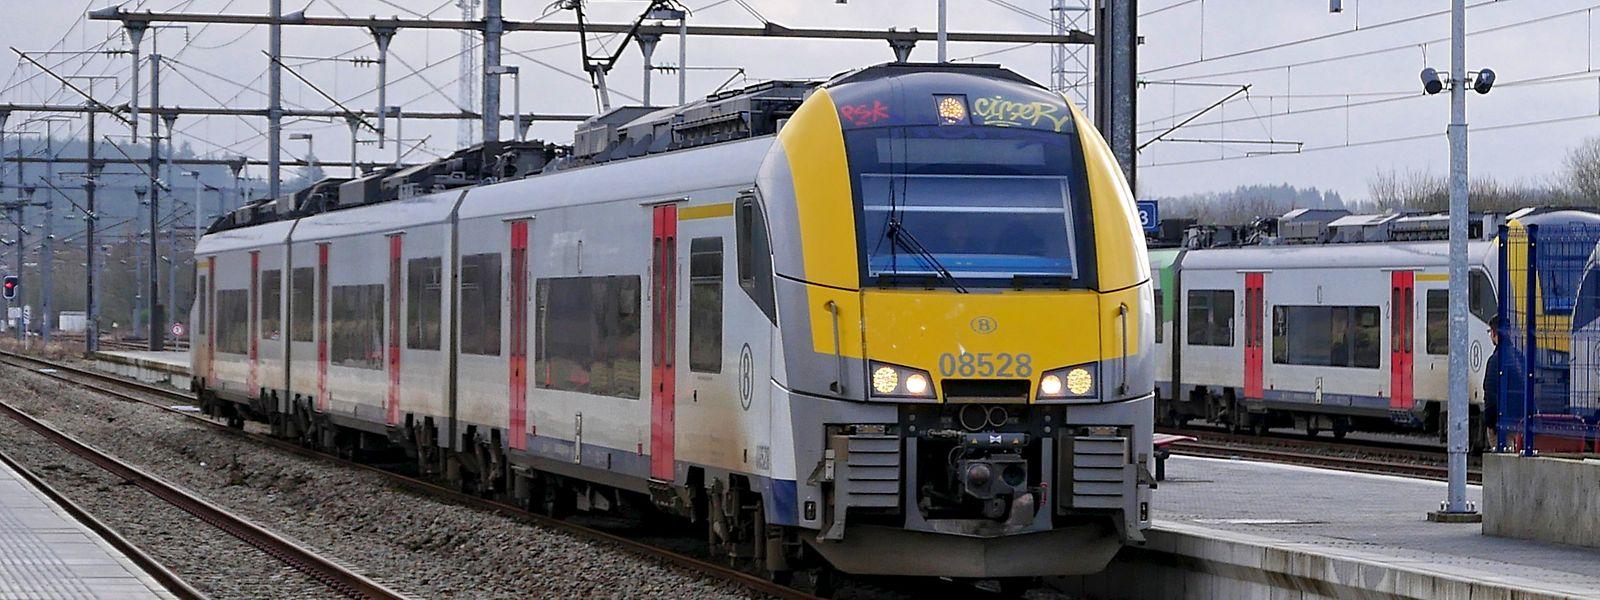 Dès le 13 décembre, un train passera chaque heure dans les deux sens sur la ligne 42